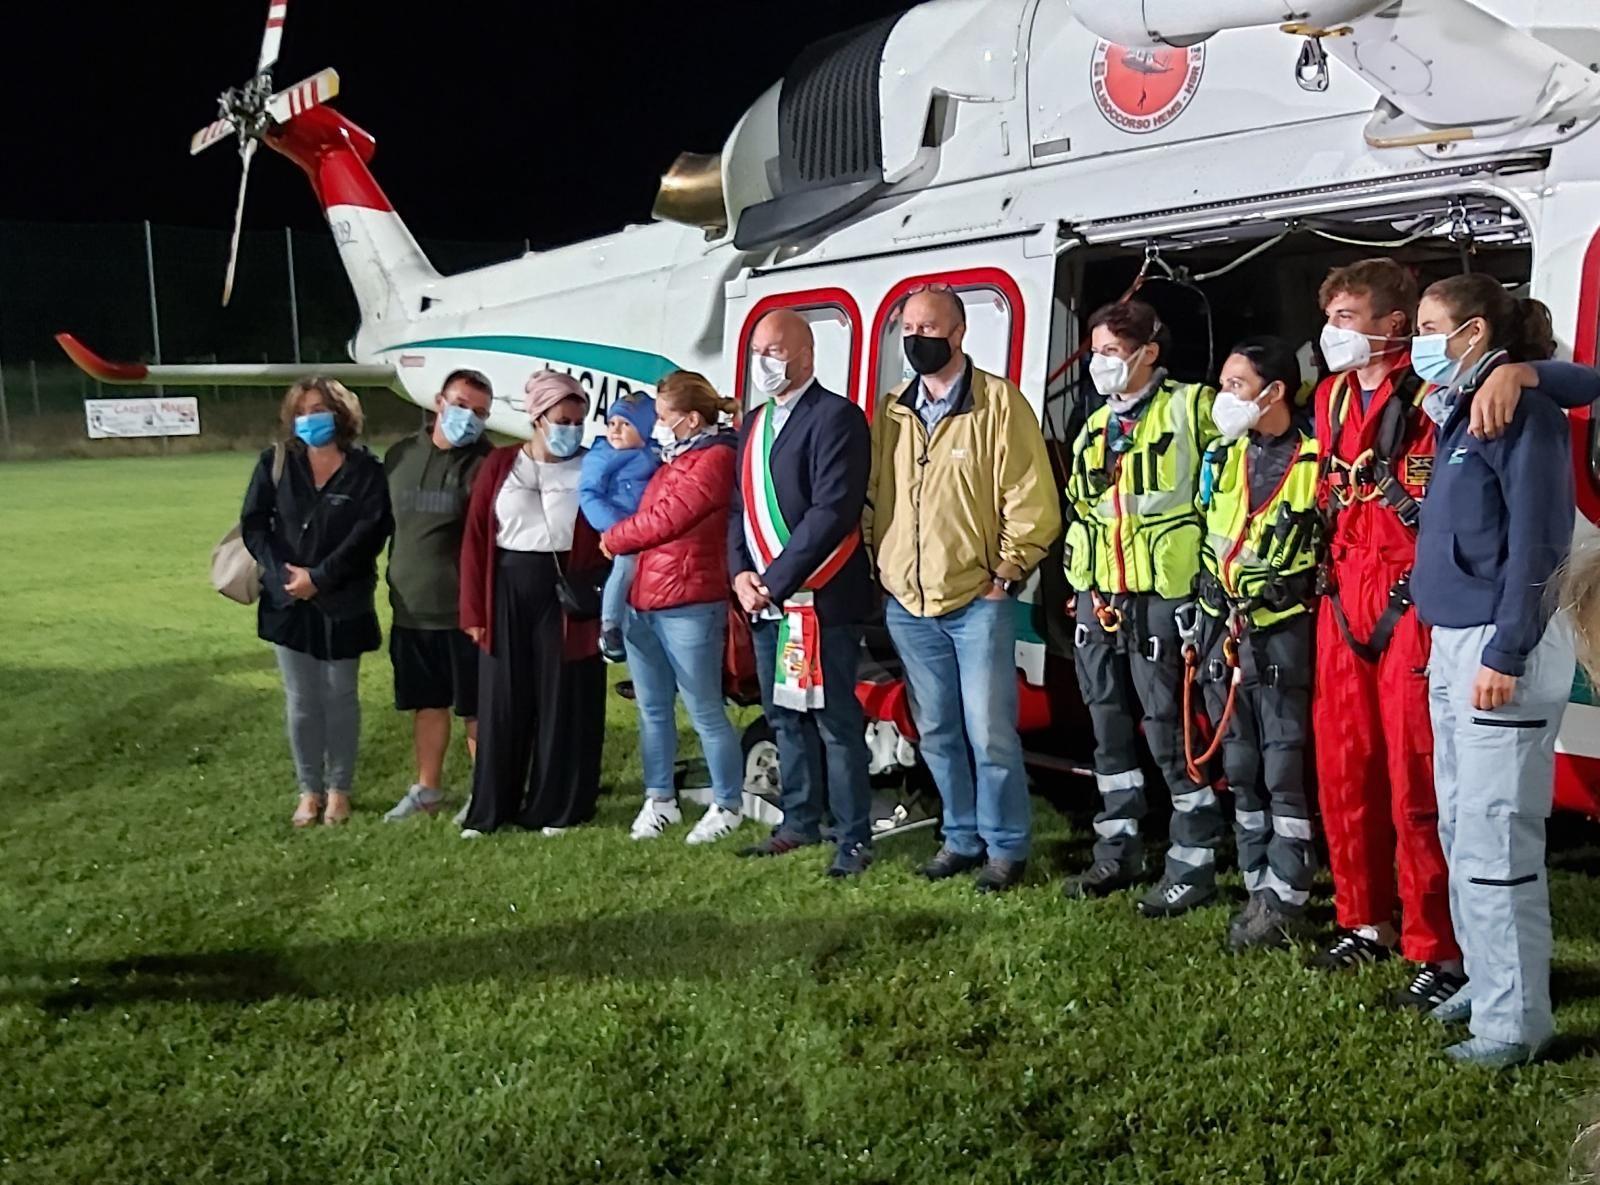 LEVONE - Inaugurata l'area di atterraggio per l'elisoccorso del 118 - FOTO e VIDEO